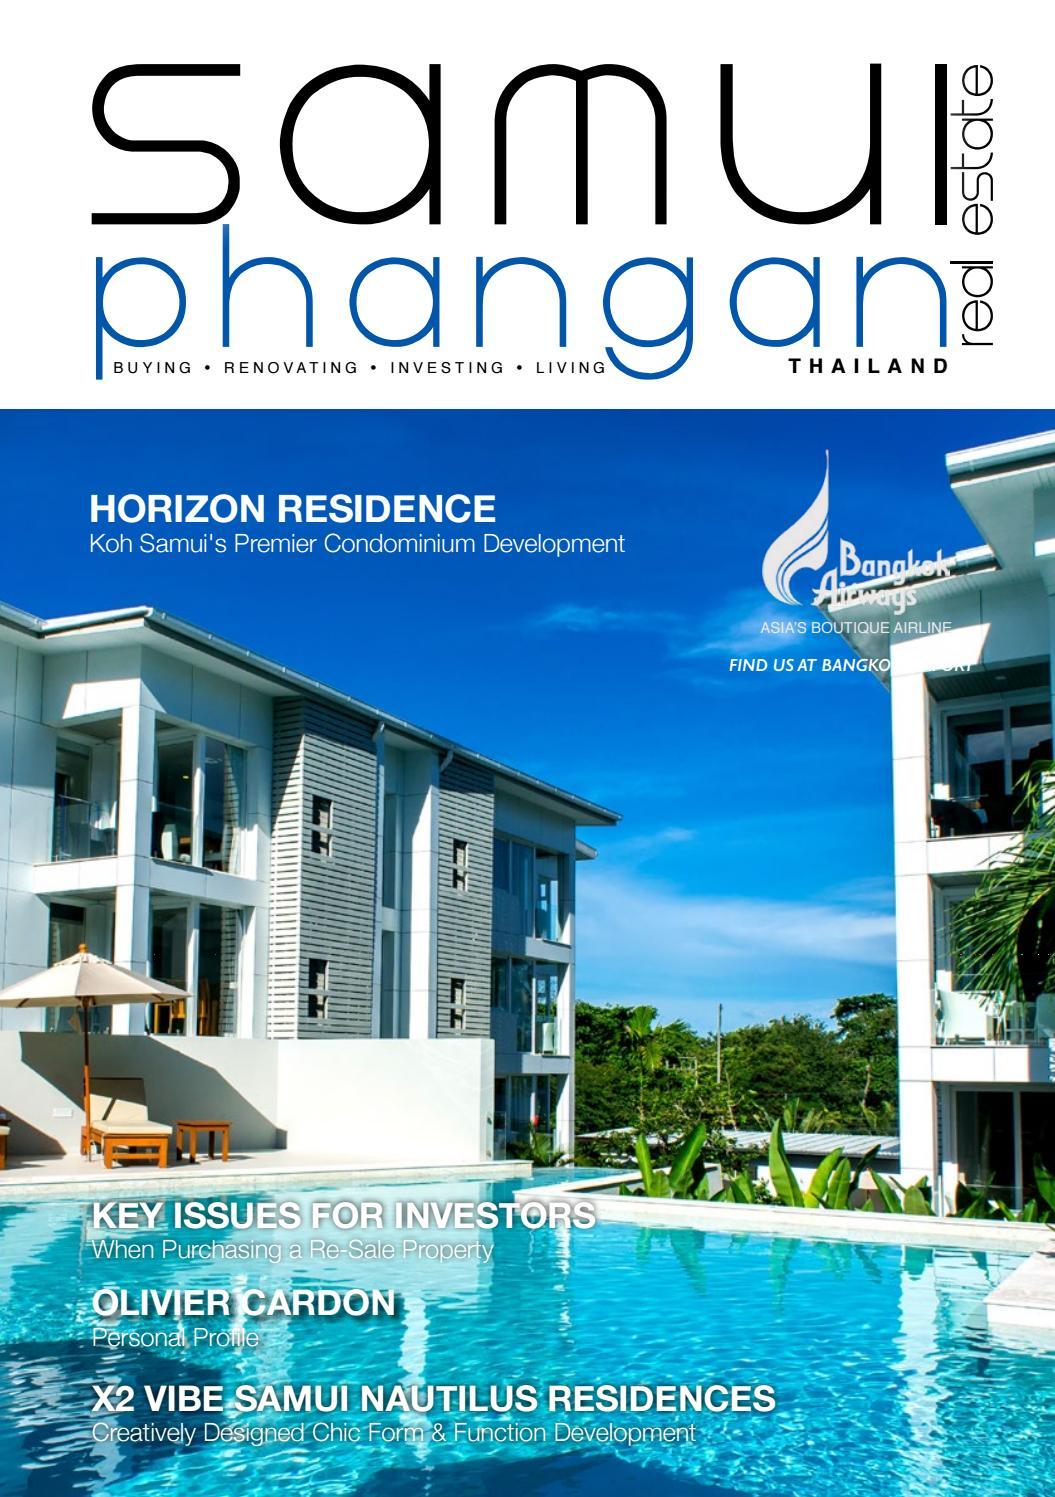 Samui Phangan Real Estate Junejuly 2017 By Satayu Publishing Co, Ltd   Issuu